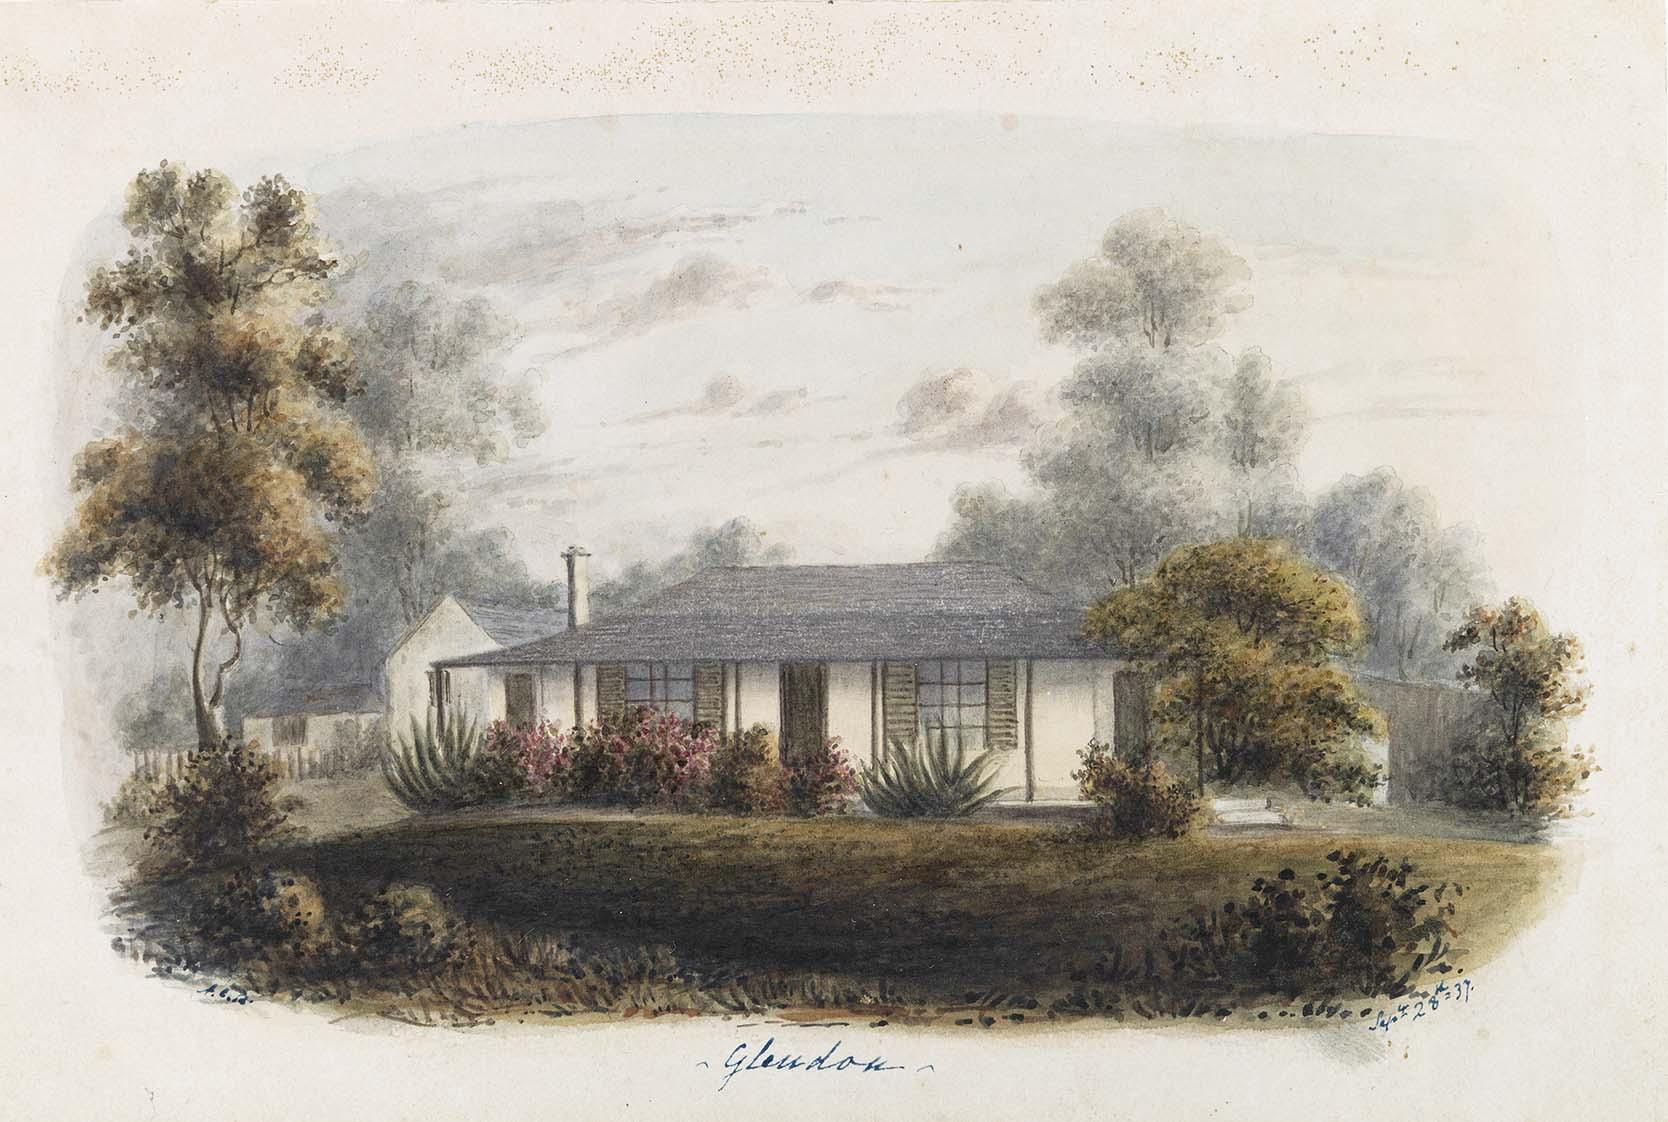 Glendon, 1841, Conrad Martens, DL PX 28/70